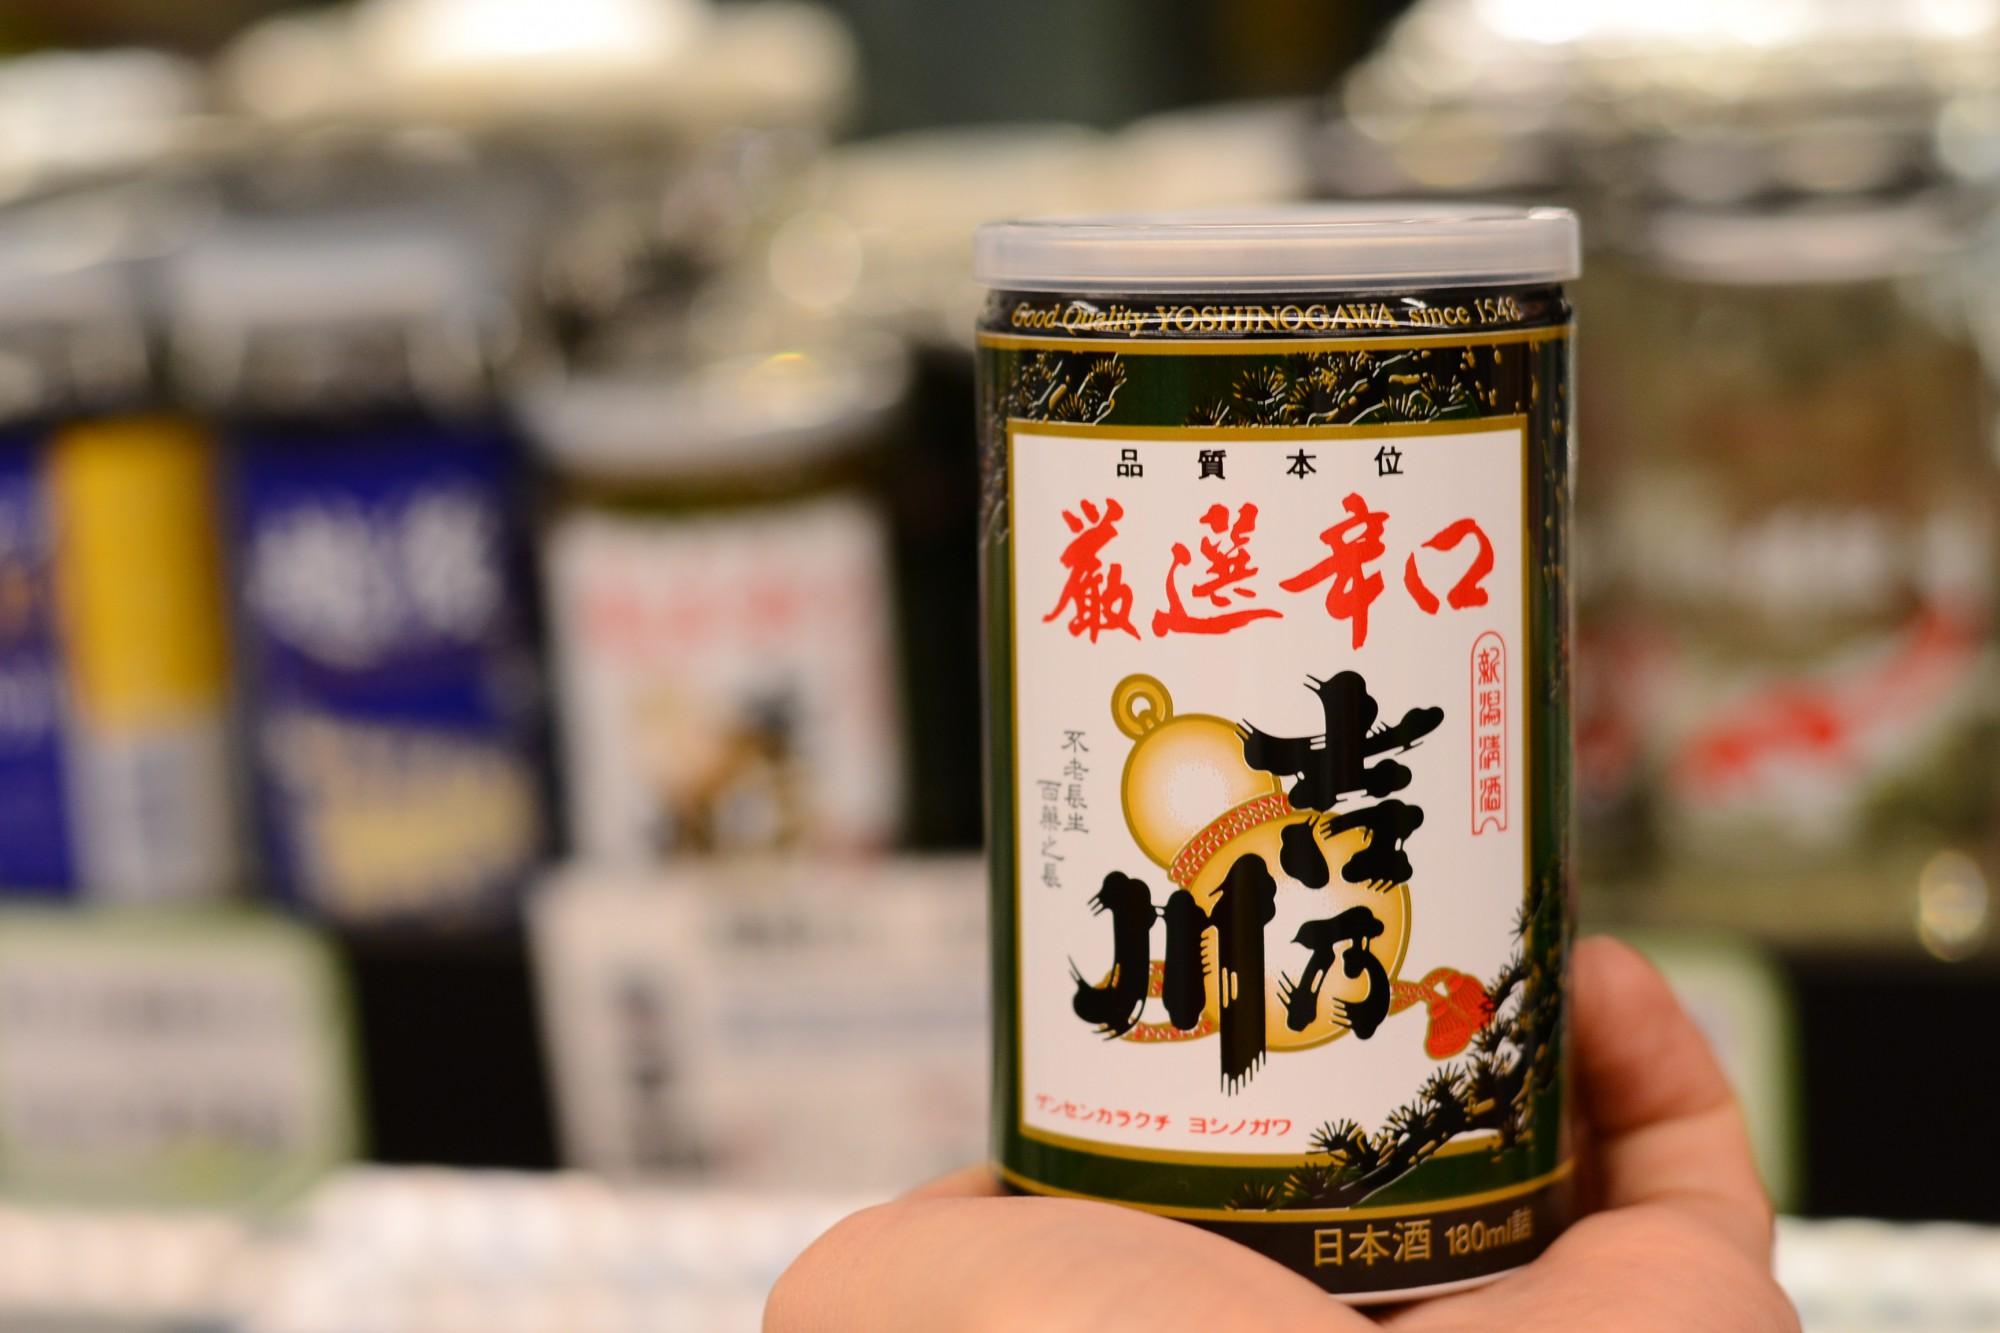 新潟県長岡市にある吉乃川酒造。女子にも日本酒を飲んでほしいと「吉乃川女子部」の活動もしている。